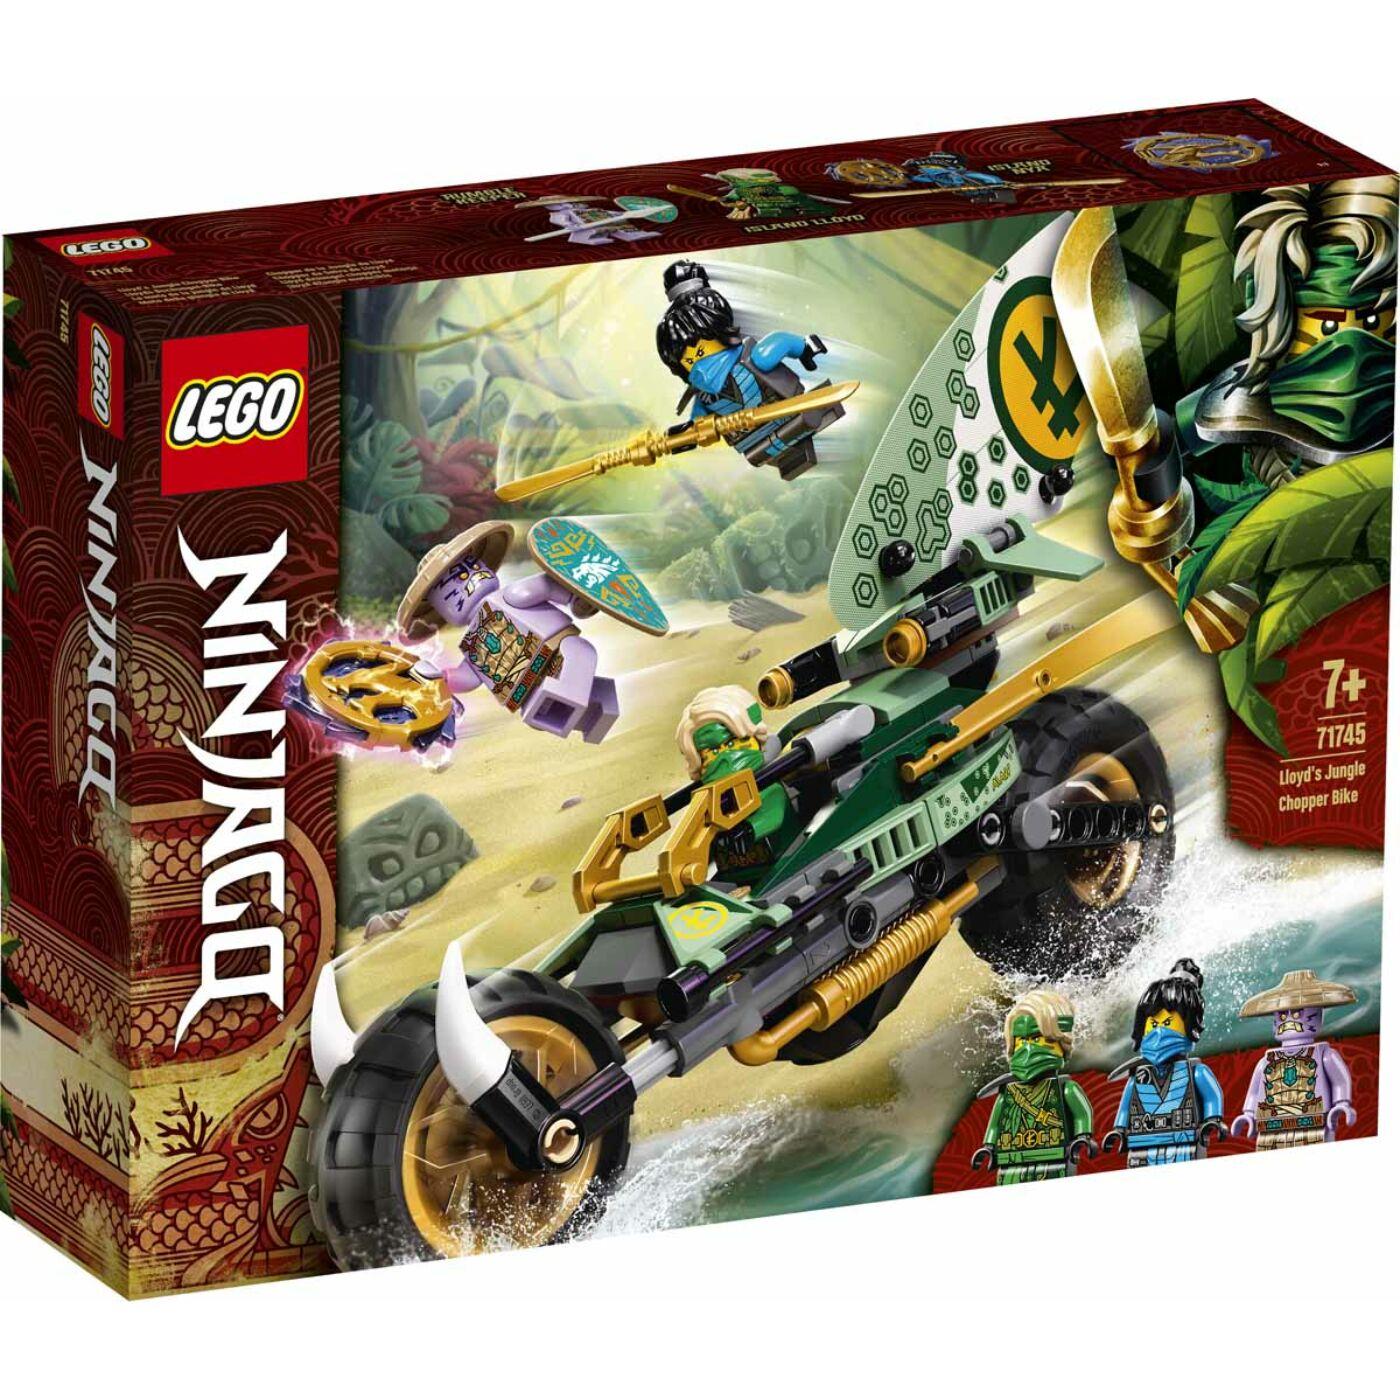 Lego Ninjago Lloyd dzsungel chopper motorja